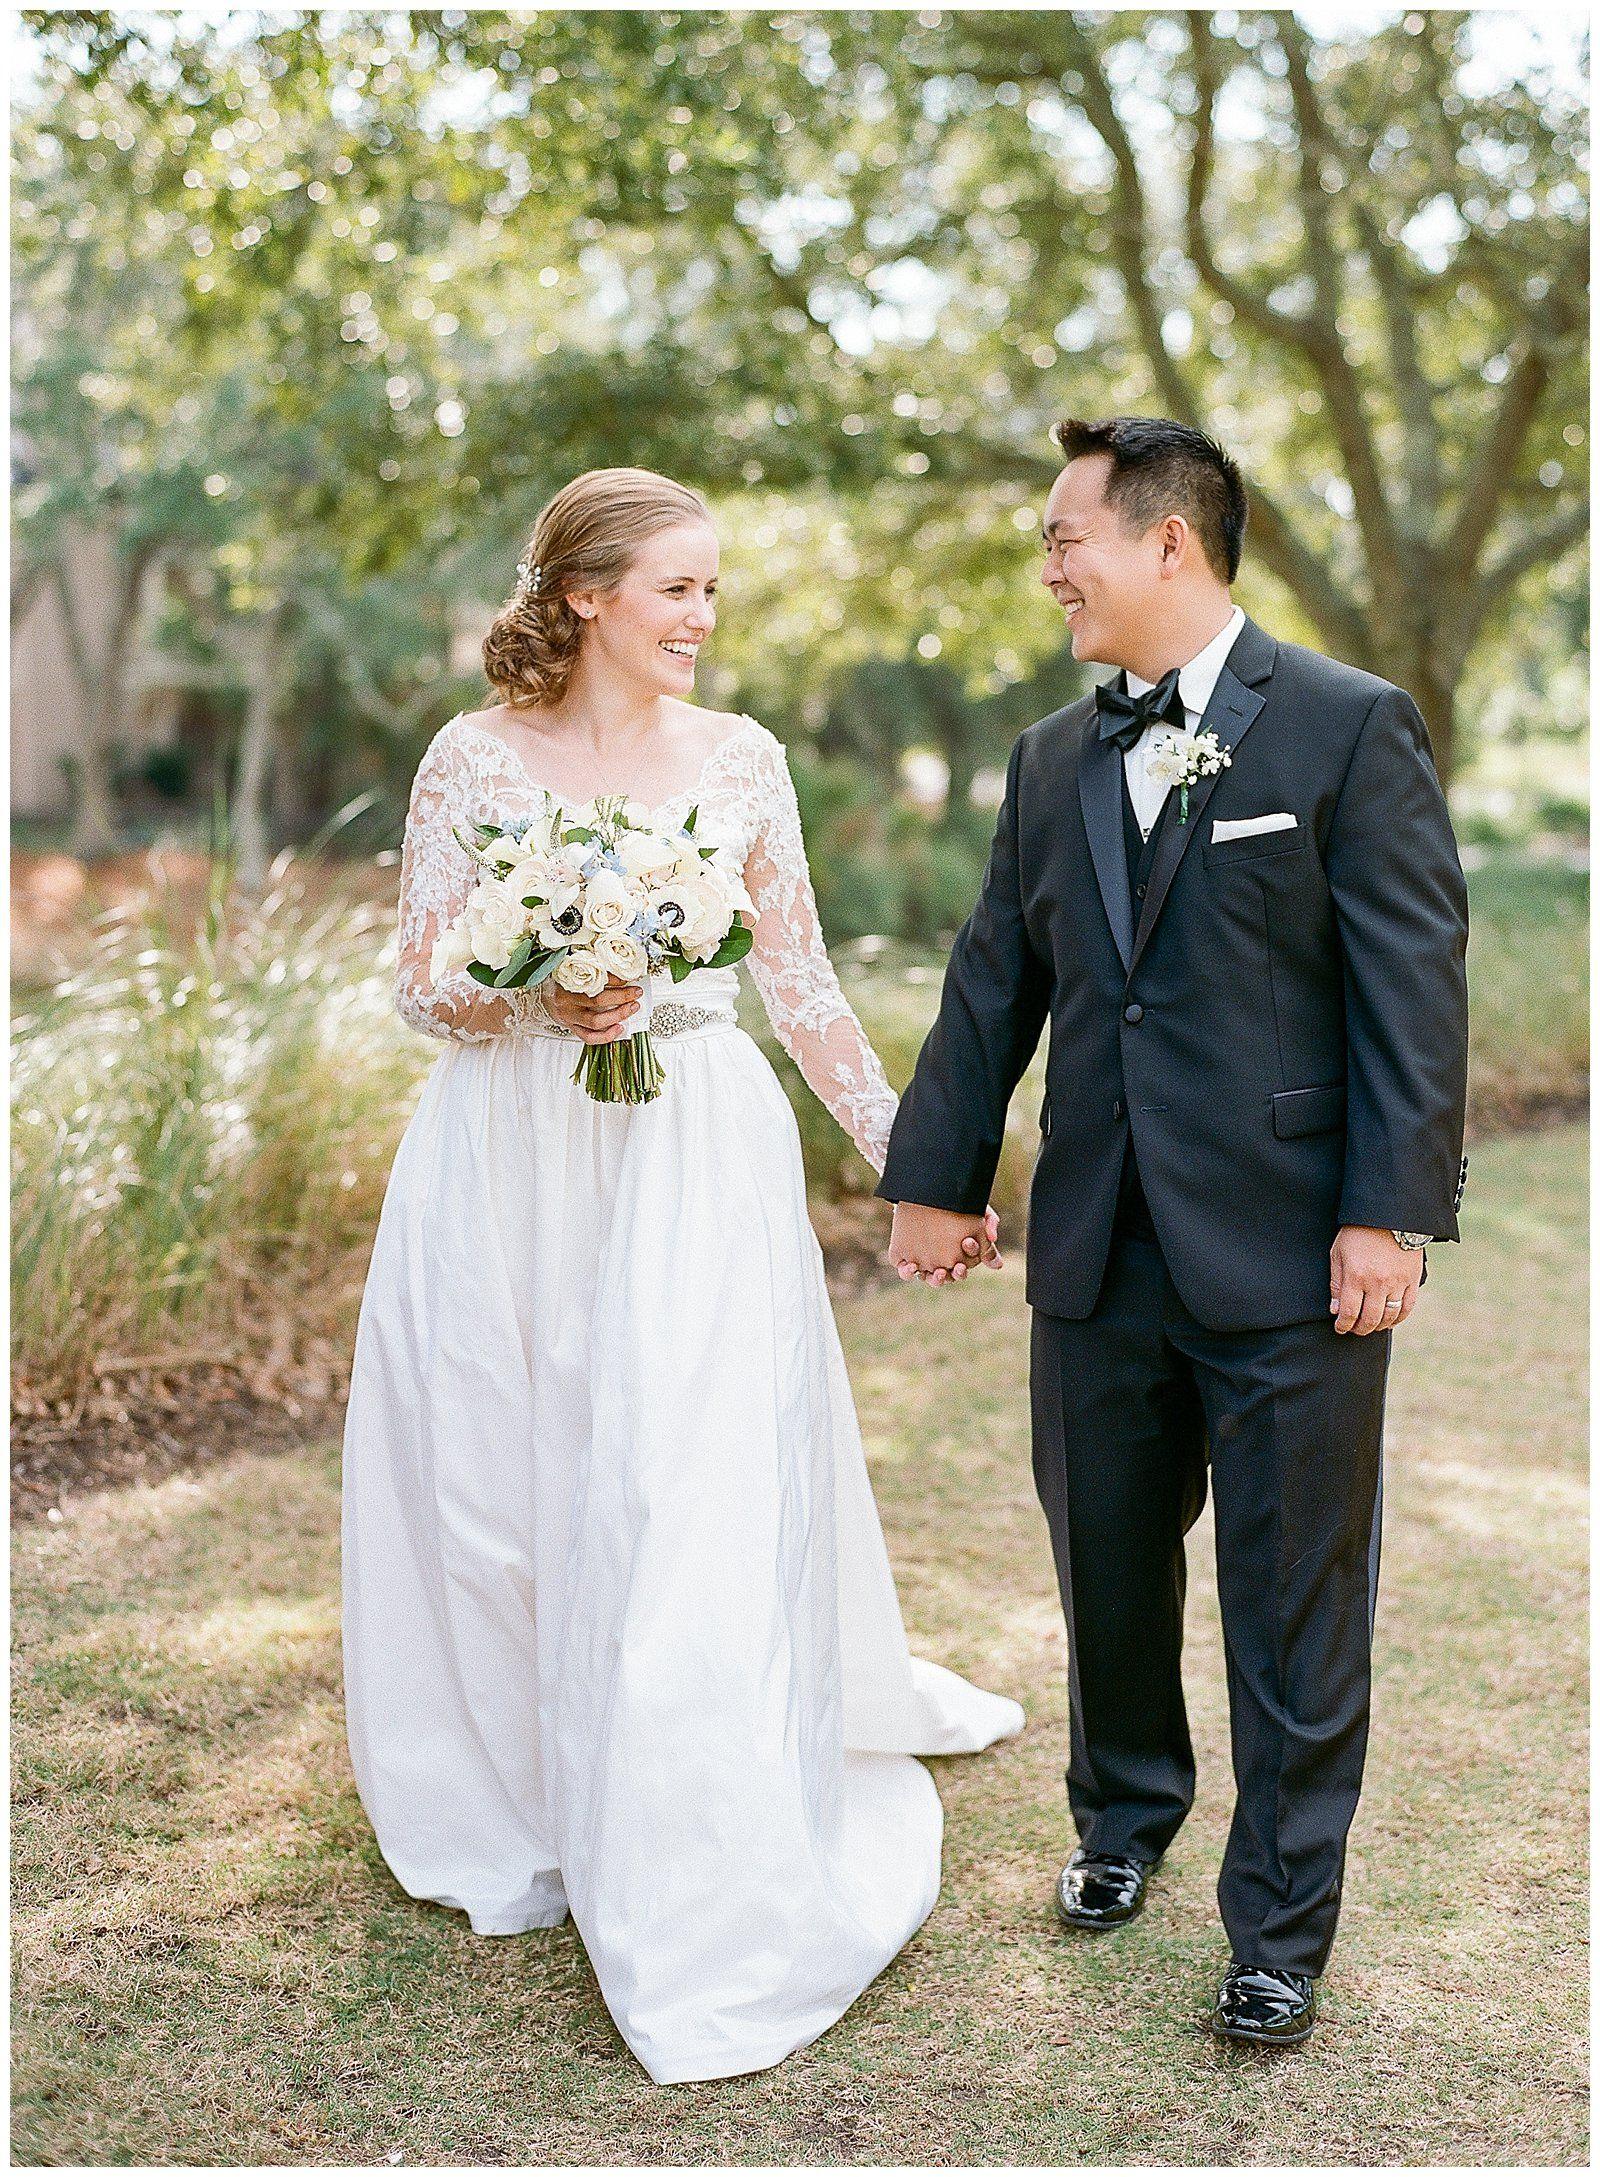 Emily & Steven A Kiawah Island Club Wedding The Ganeys